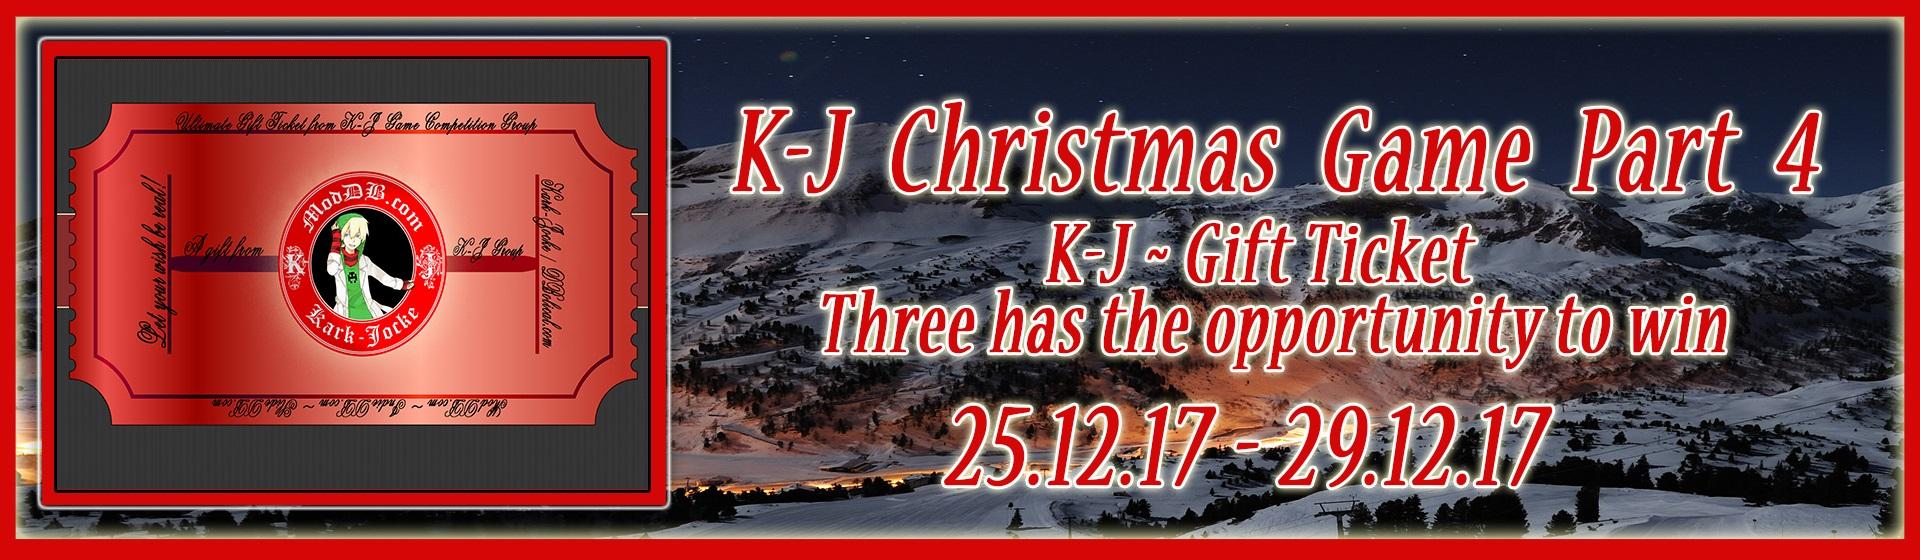 CC K J 17 Part 04